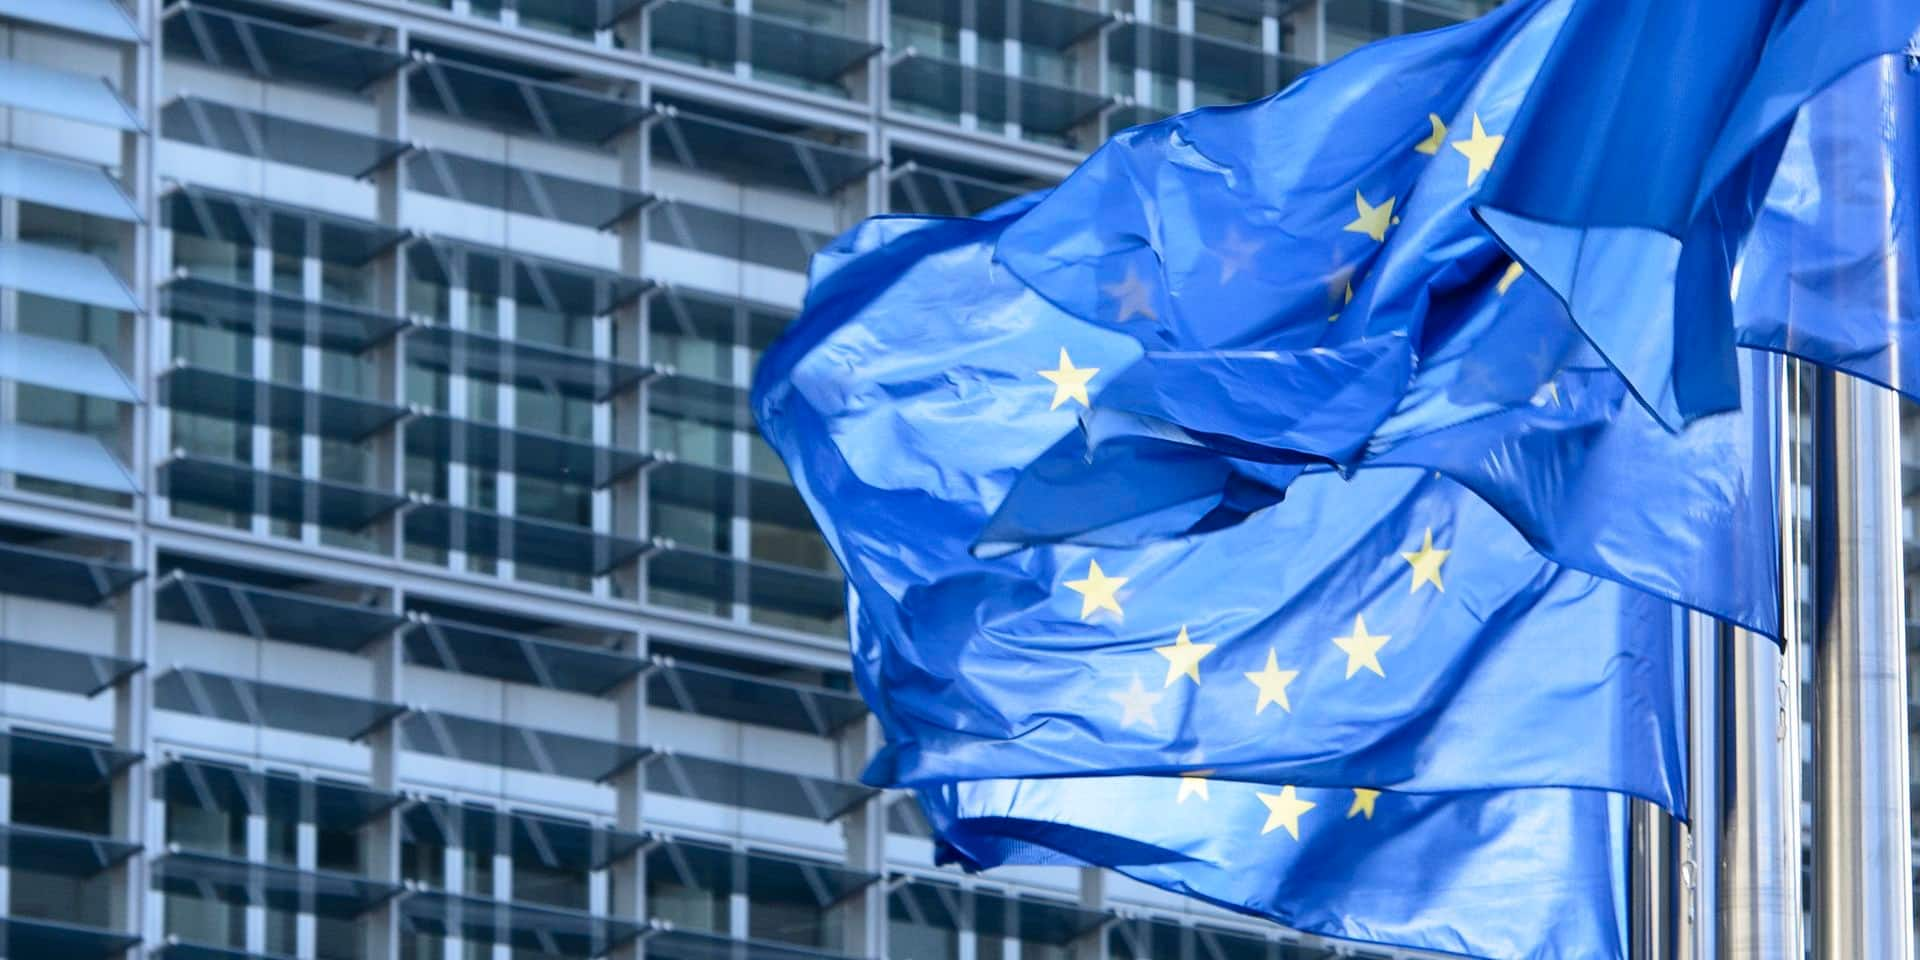 En pleine crise de coronavirus, l'UE donne le feu vert tant attendu aux négociations pour intégrer Macédoine du Nord et Albanie